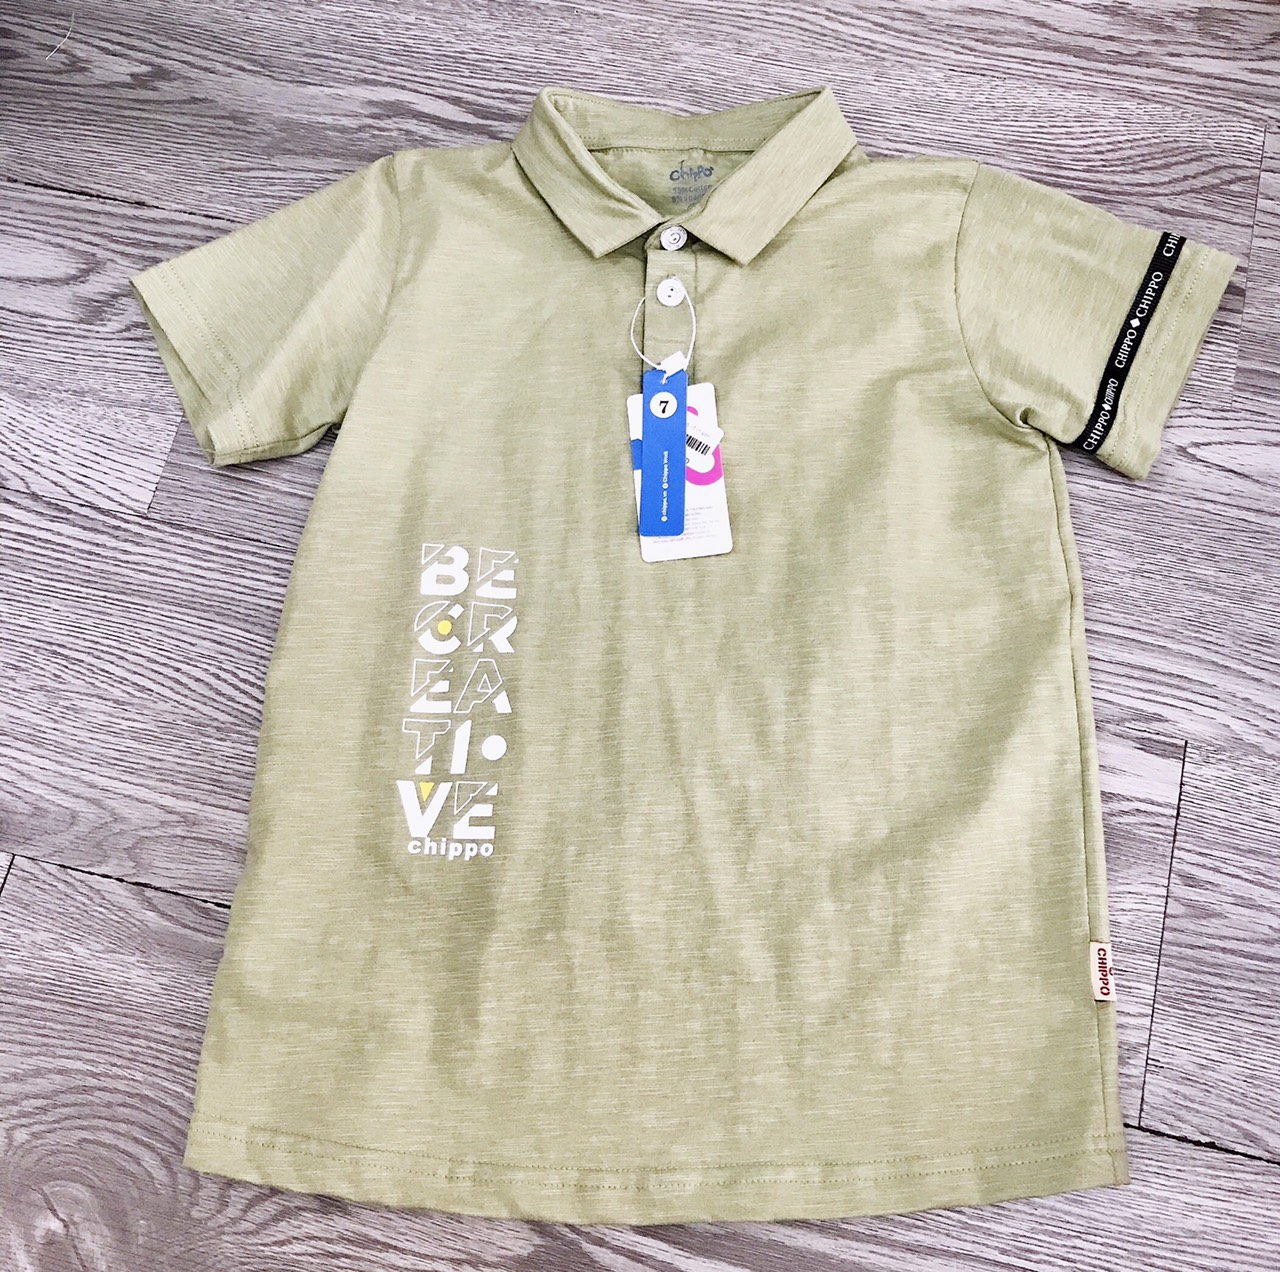 áo phông có cổ hãng chippo  cho bé trai sz 14-20kg vm-42